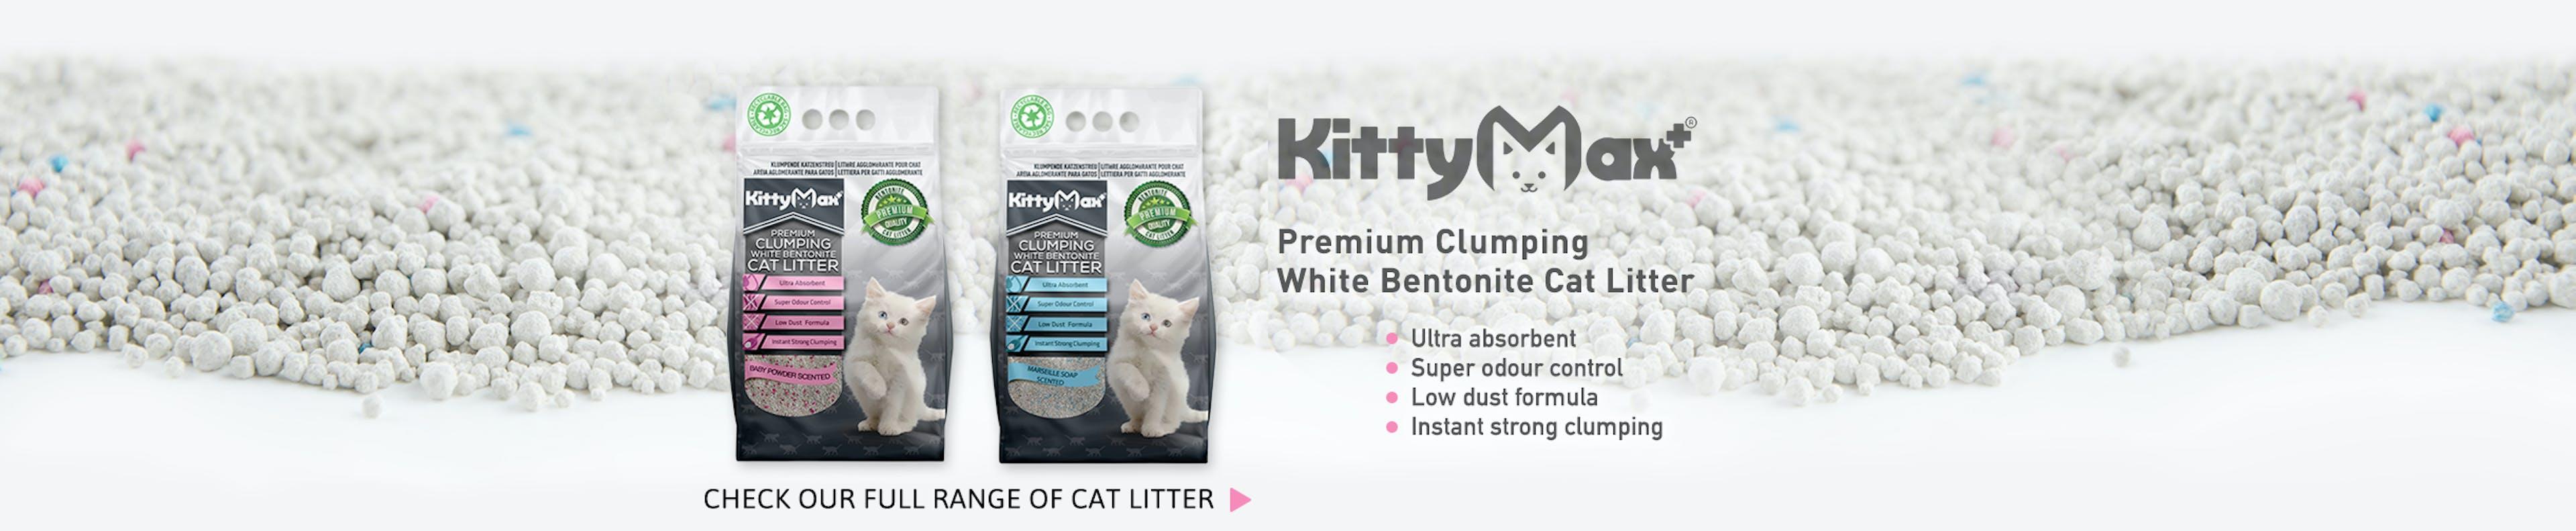 Kitty Max - Cat Litter